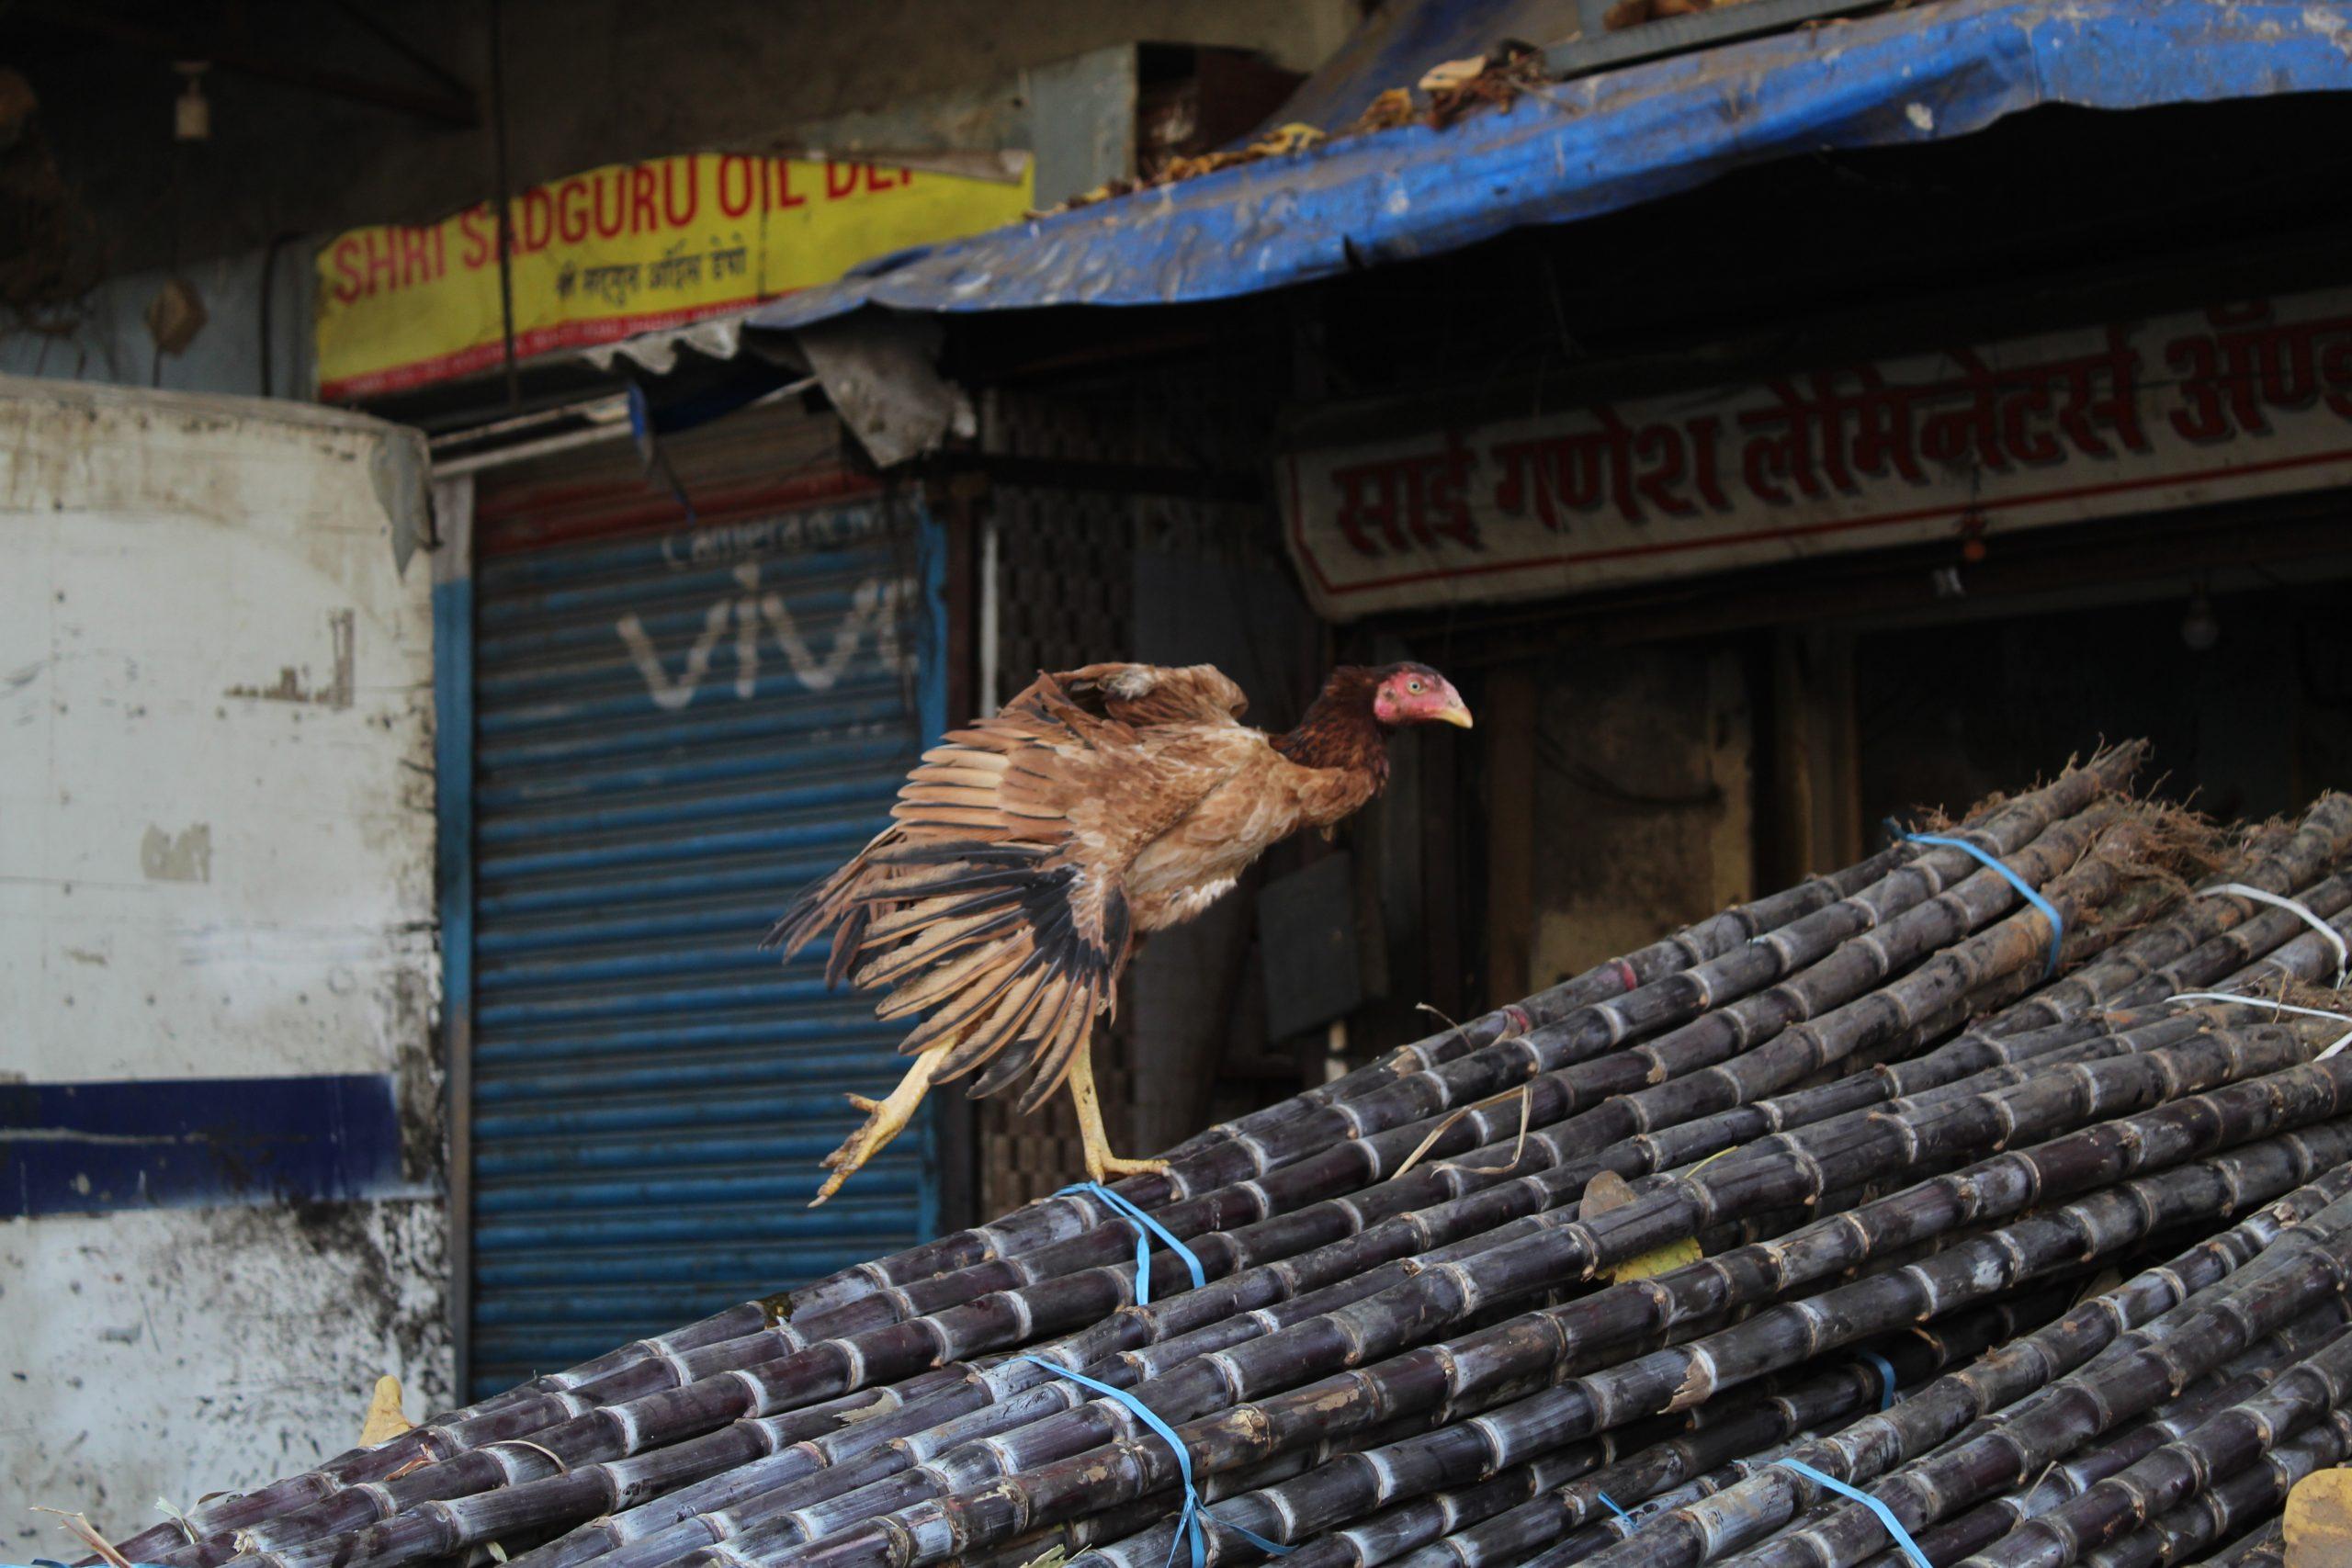 hen on sugarcane sticks